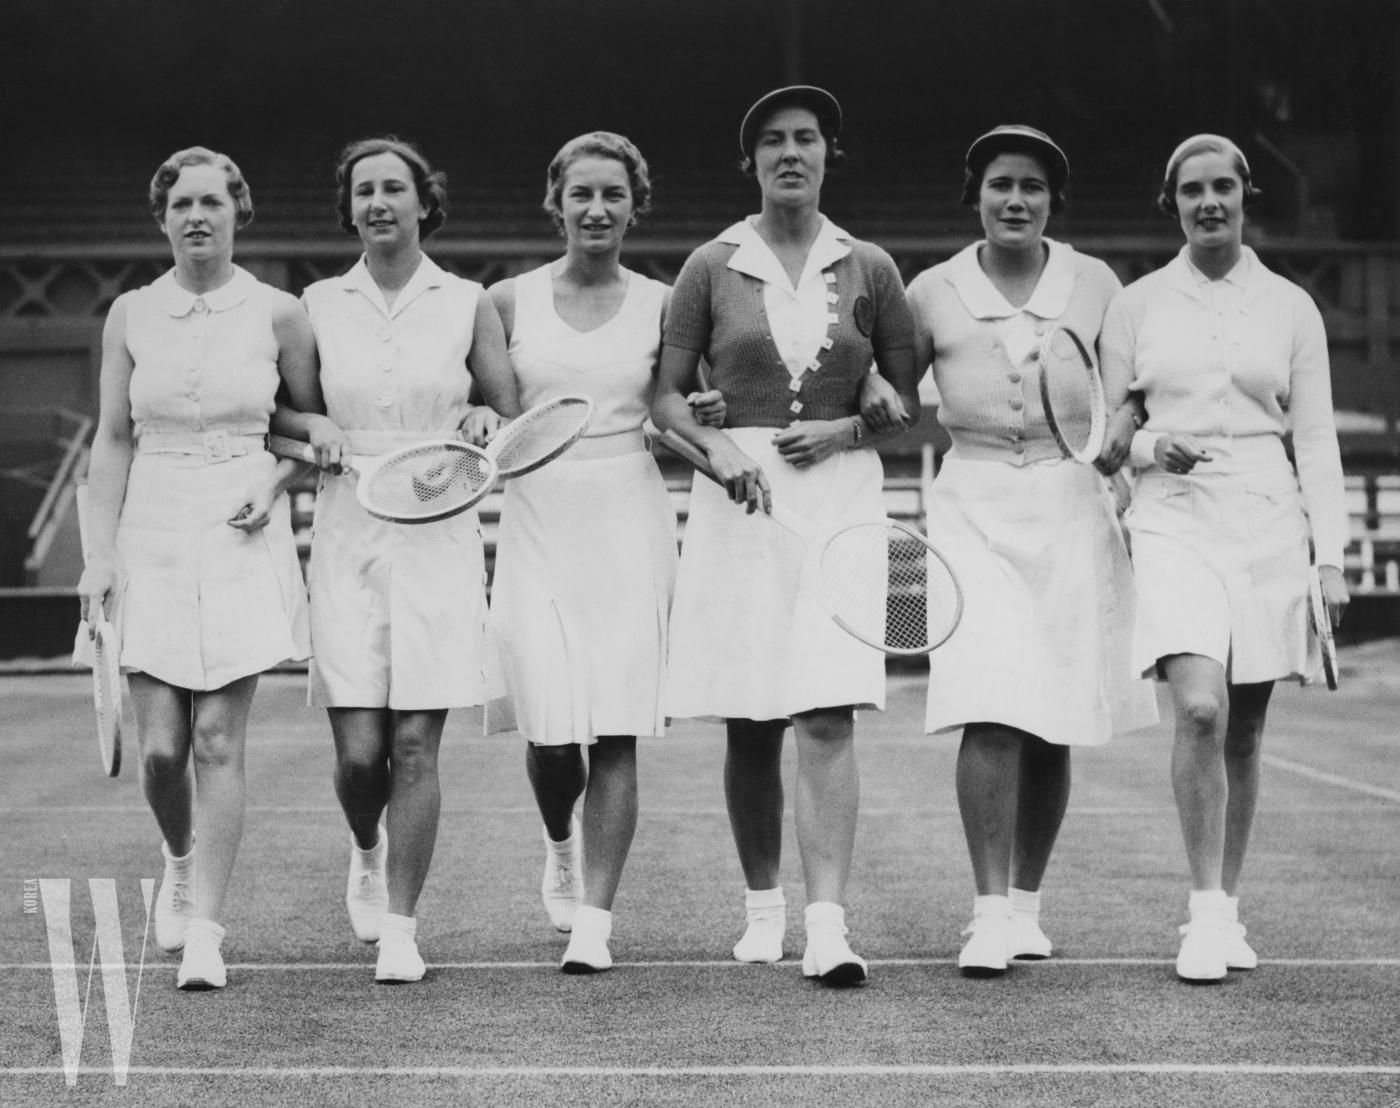 1936년, 경기에 출전한 테니스 선수들.